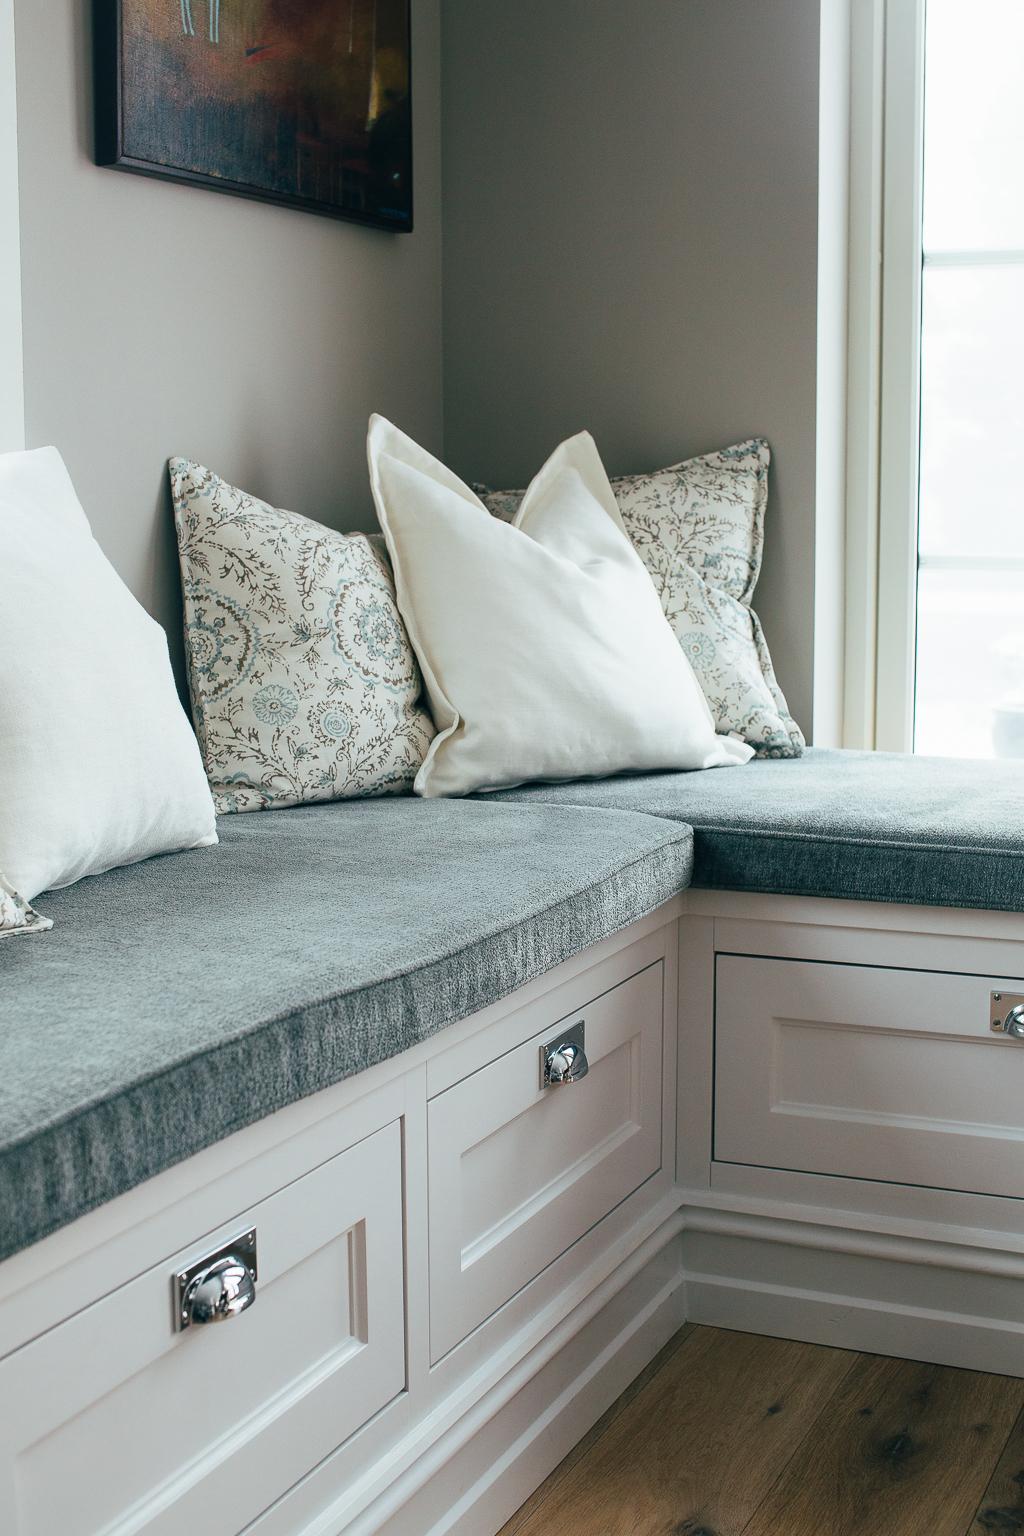 Kjøkkenenbenken forvandles smidig om til en sittebenk og lager et koselig frokosthjørne. Sofaputen er sydd etter mål og under benken er det muligheter for oppbevaring i skuffene.